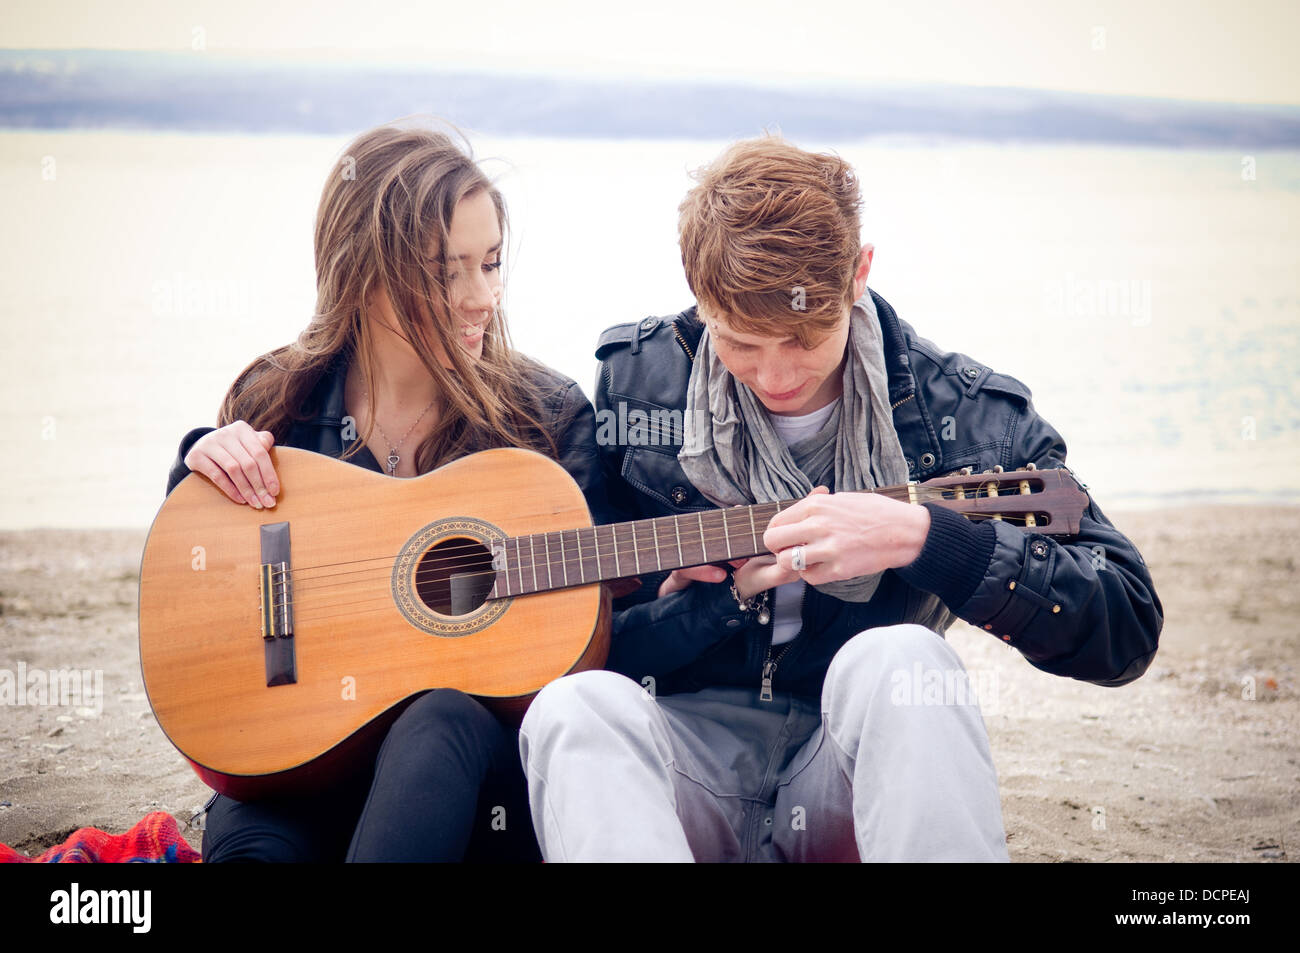 Junges Mädchen mit Akustikgitarre und ihr Freund auf der bach Stockbild